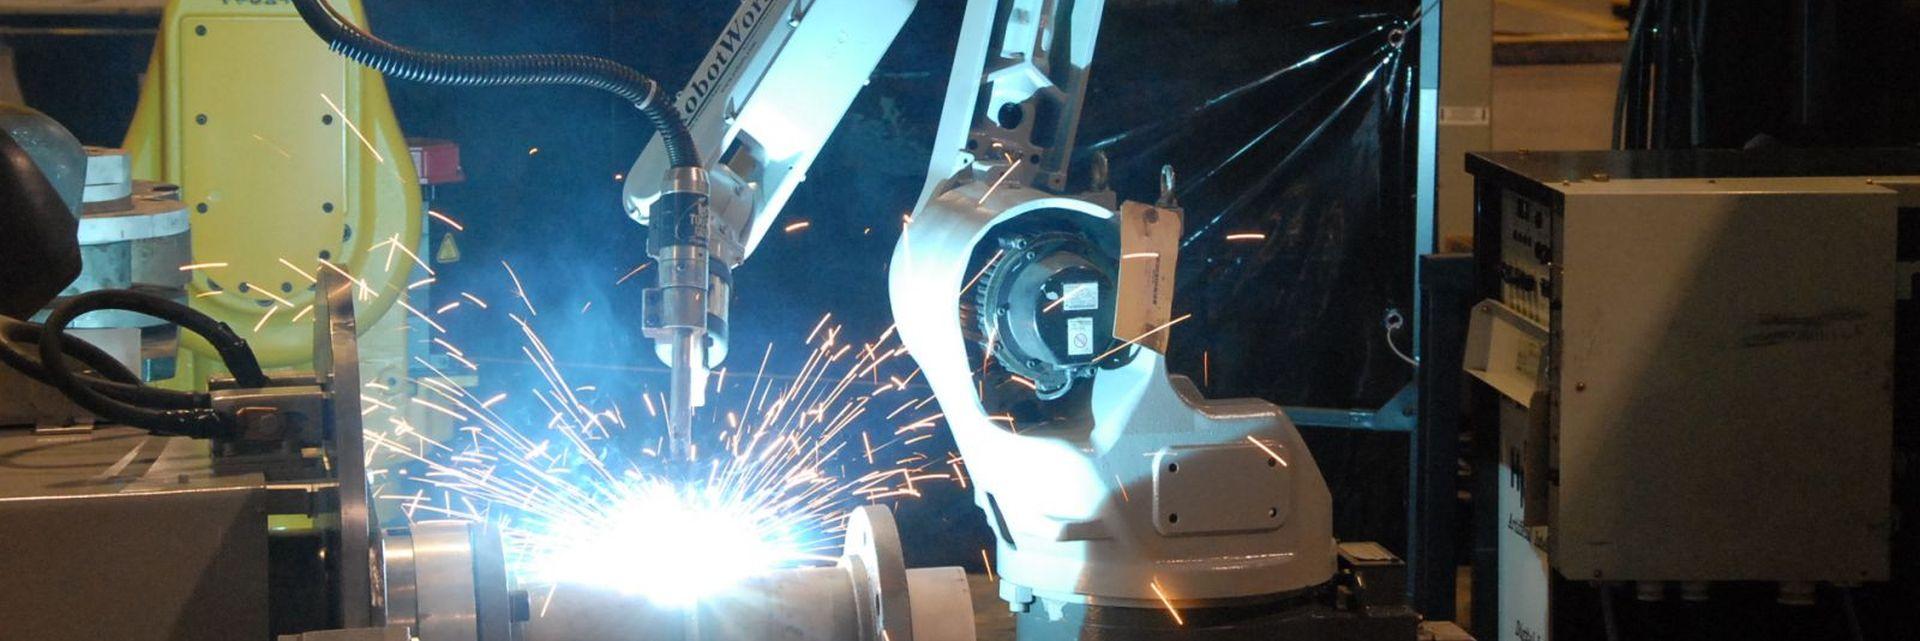 Svařovací stroje a automaty, stroje pro navařování, profesionální konstrukce a výroba